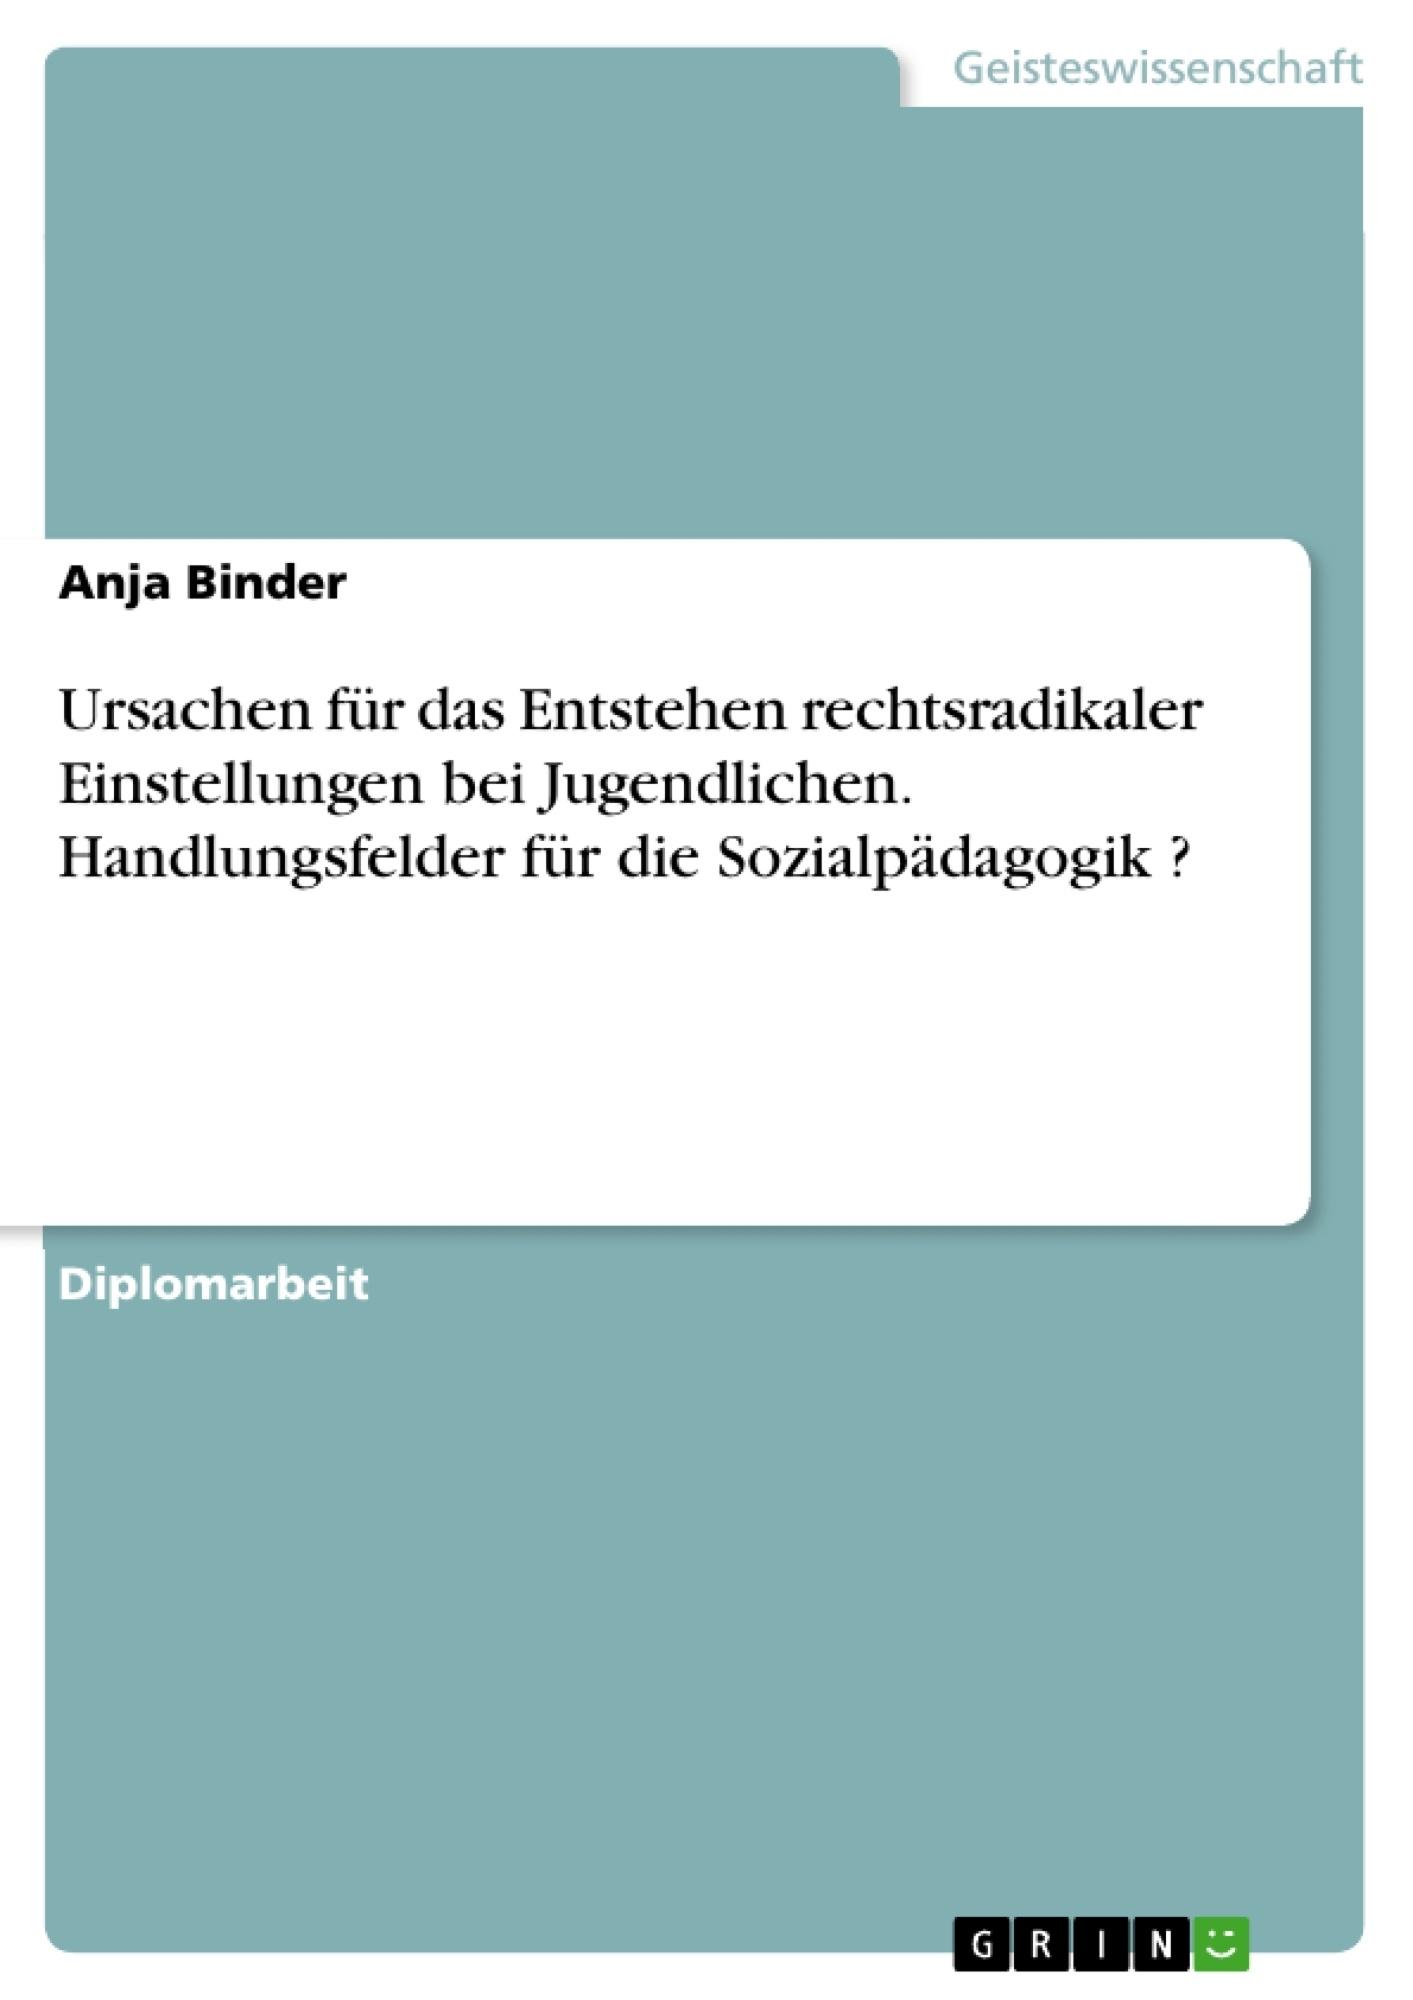 Titel: Ursachen für das Entstehen rechtsradikaler Einstellungen bei Jugendlichen. Handlungsfelder für die Sozialpädagogik ?